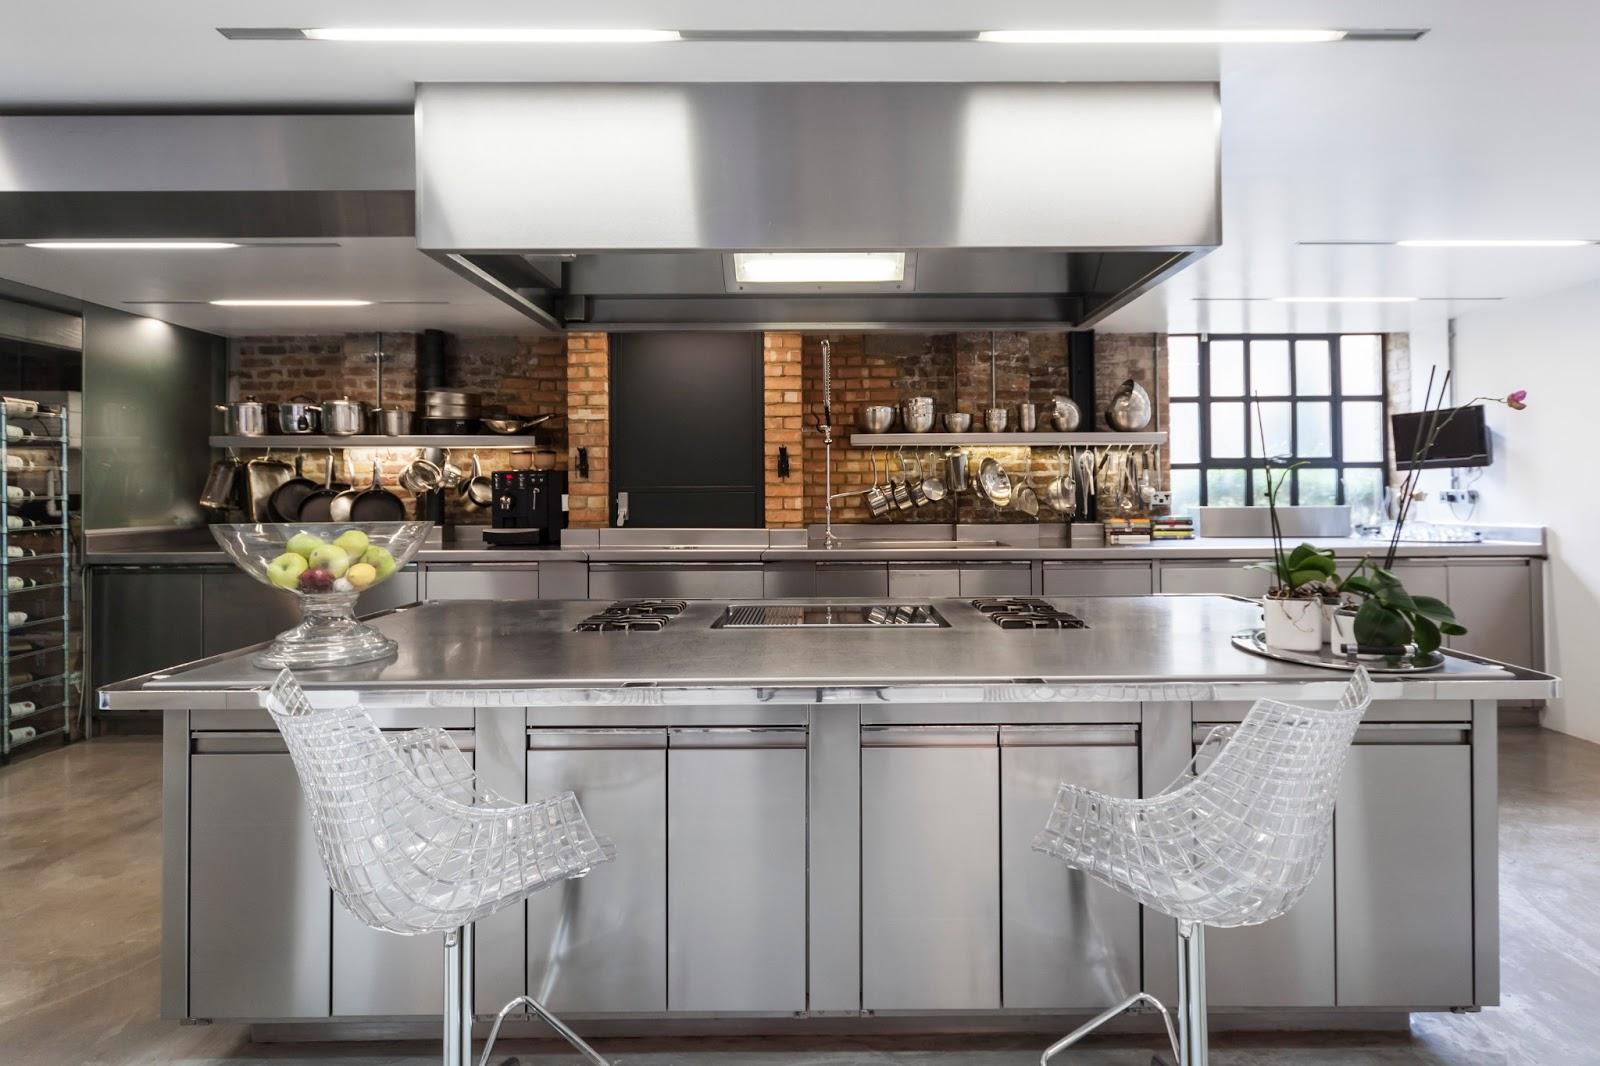 7 cocinas de lujo para las vacaciones kansei cocinas for Cocinas integrales modernas de lujo